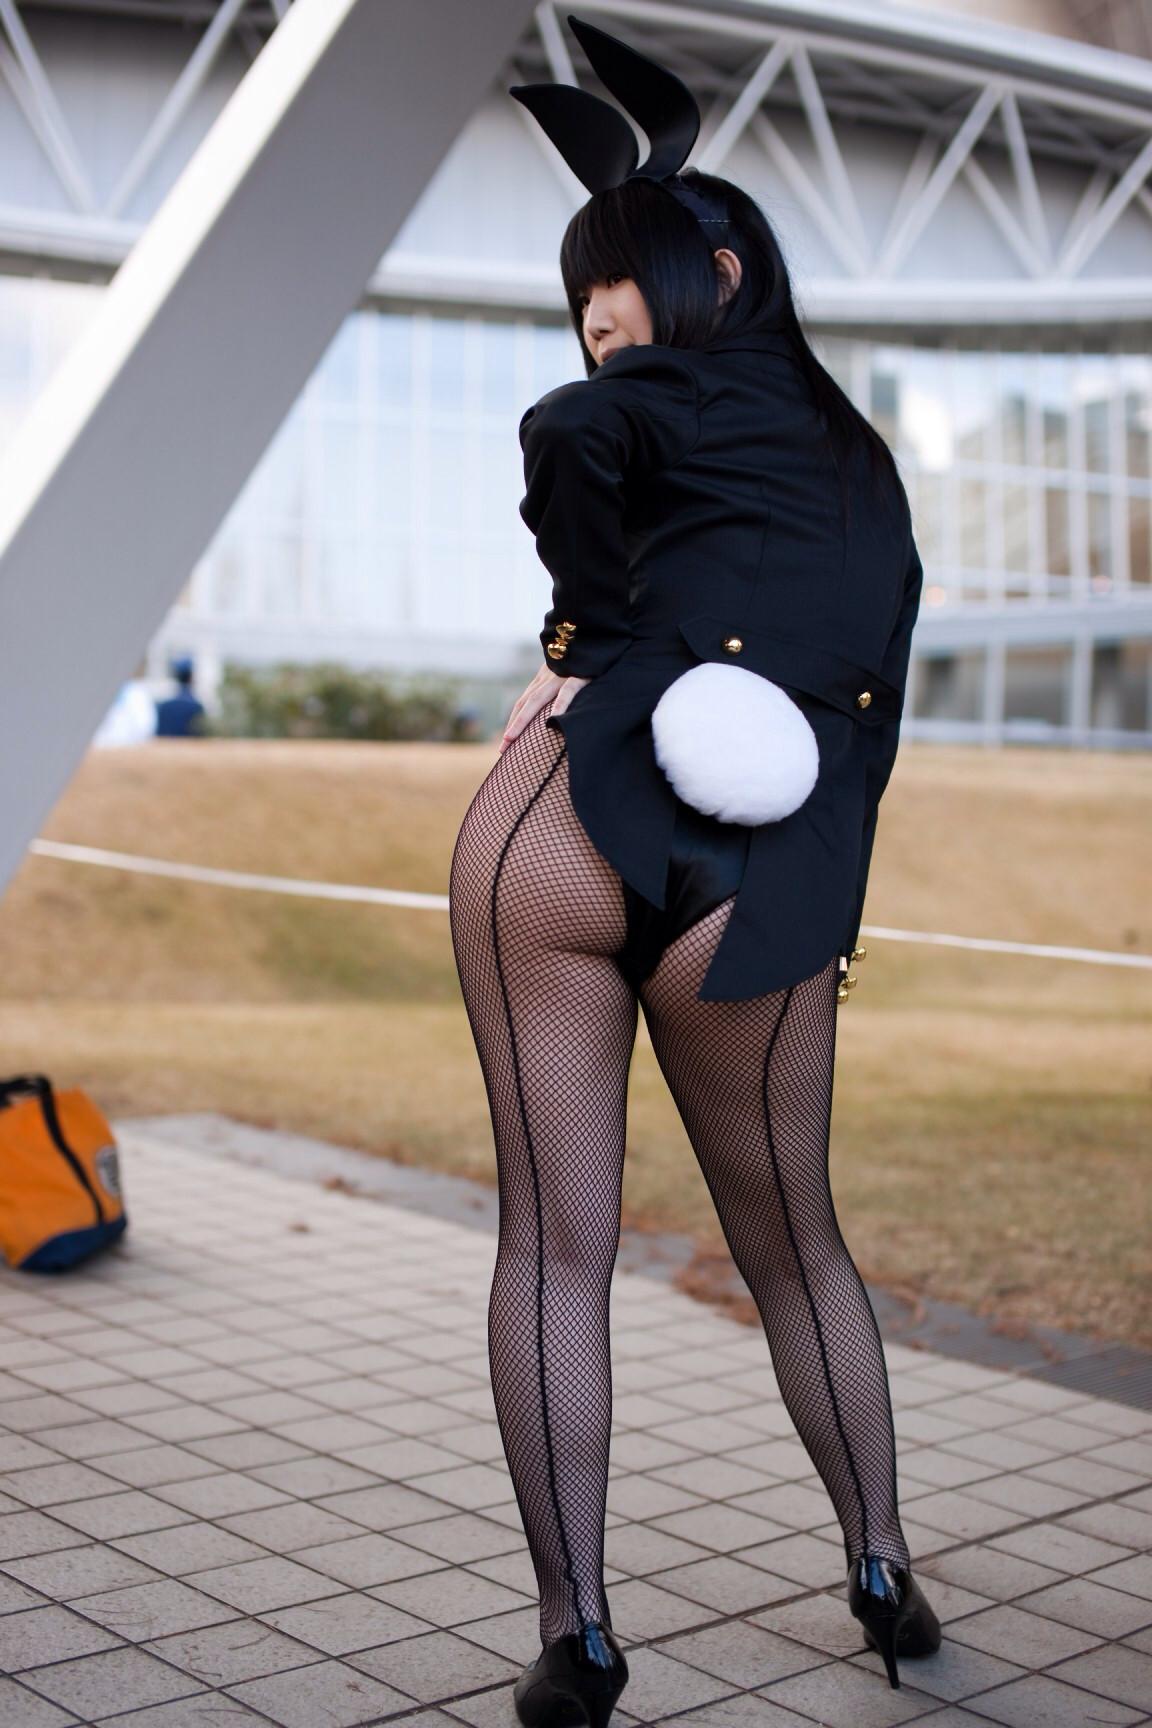 【コスプレエロ画像】尻尾のポンポンは必須wなければつけたいバニーさんのエロ尻www 19